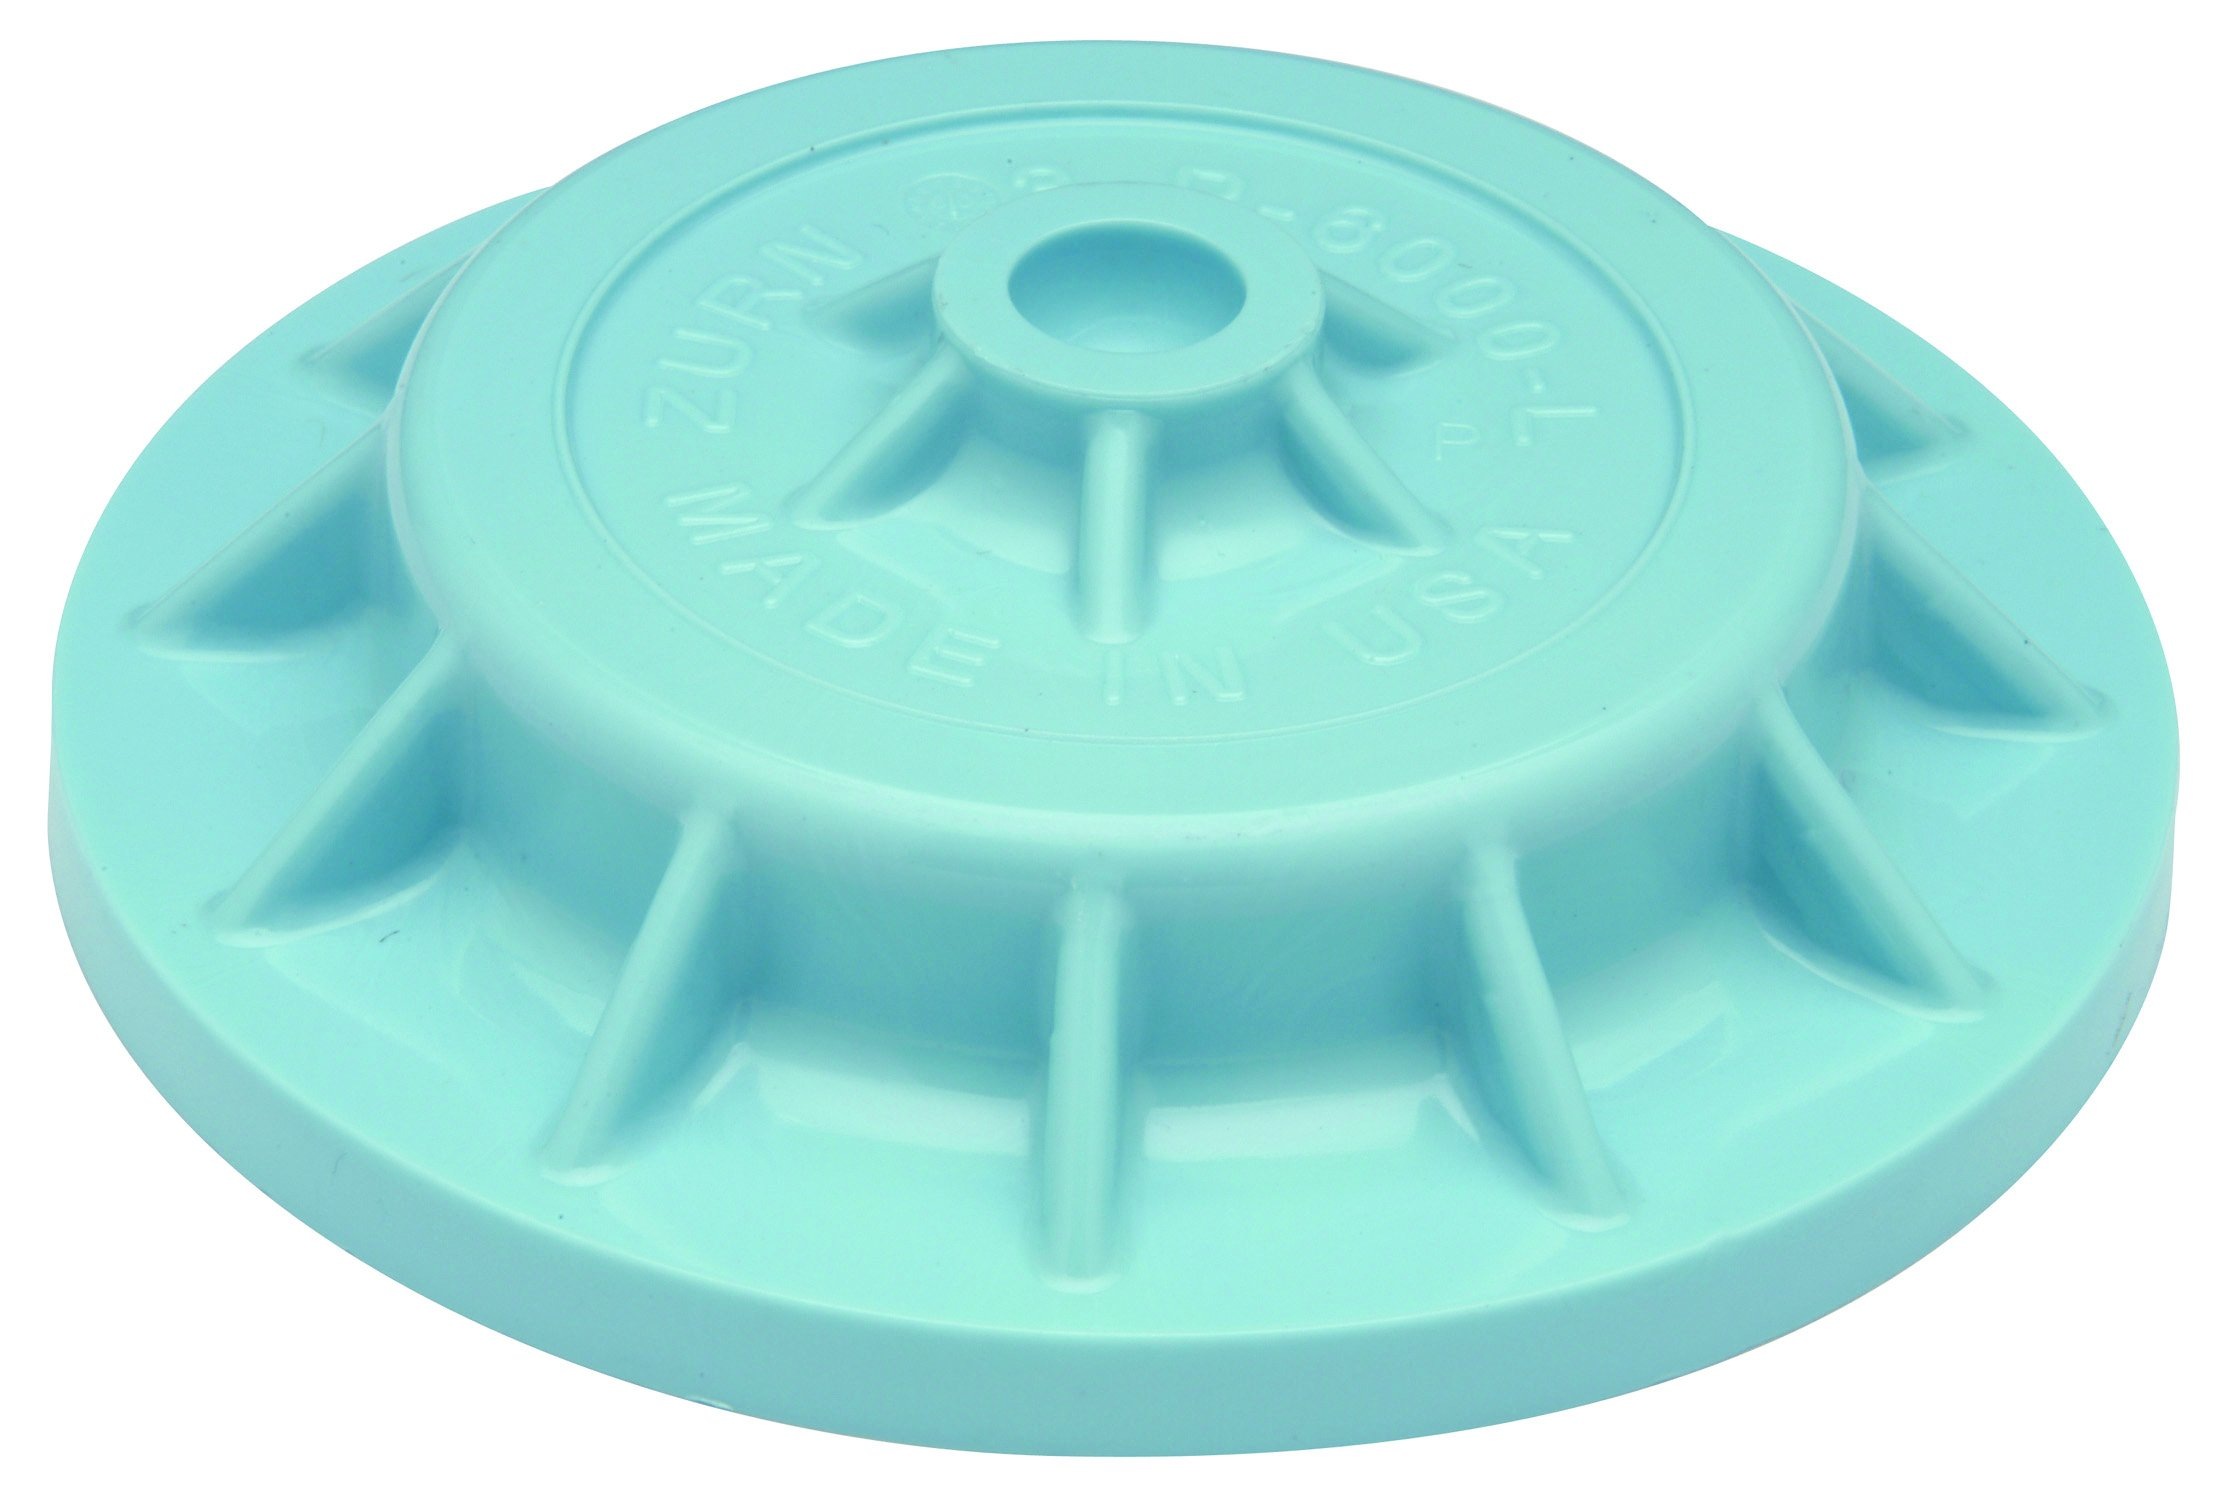 Zurn P6000-L Inside Plastic Cover